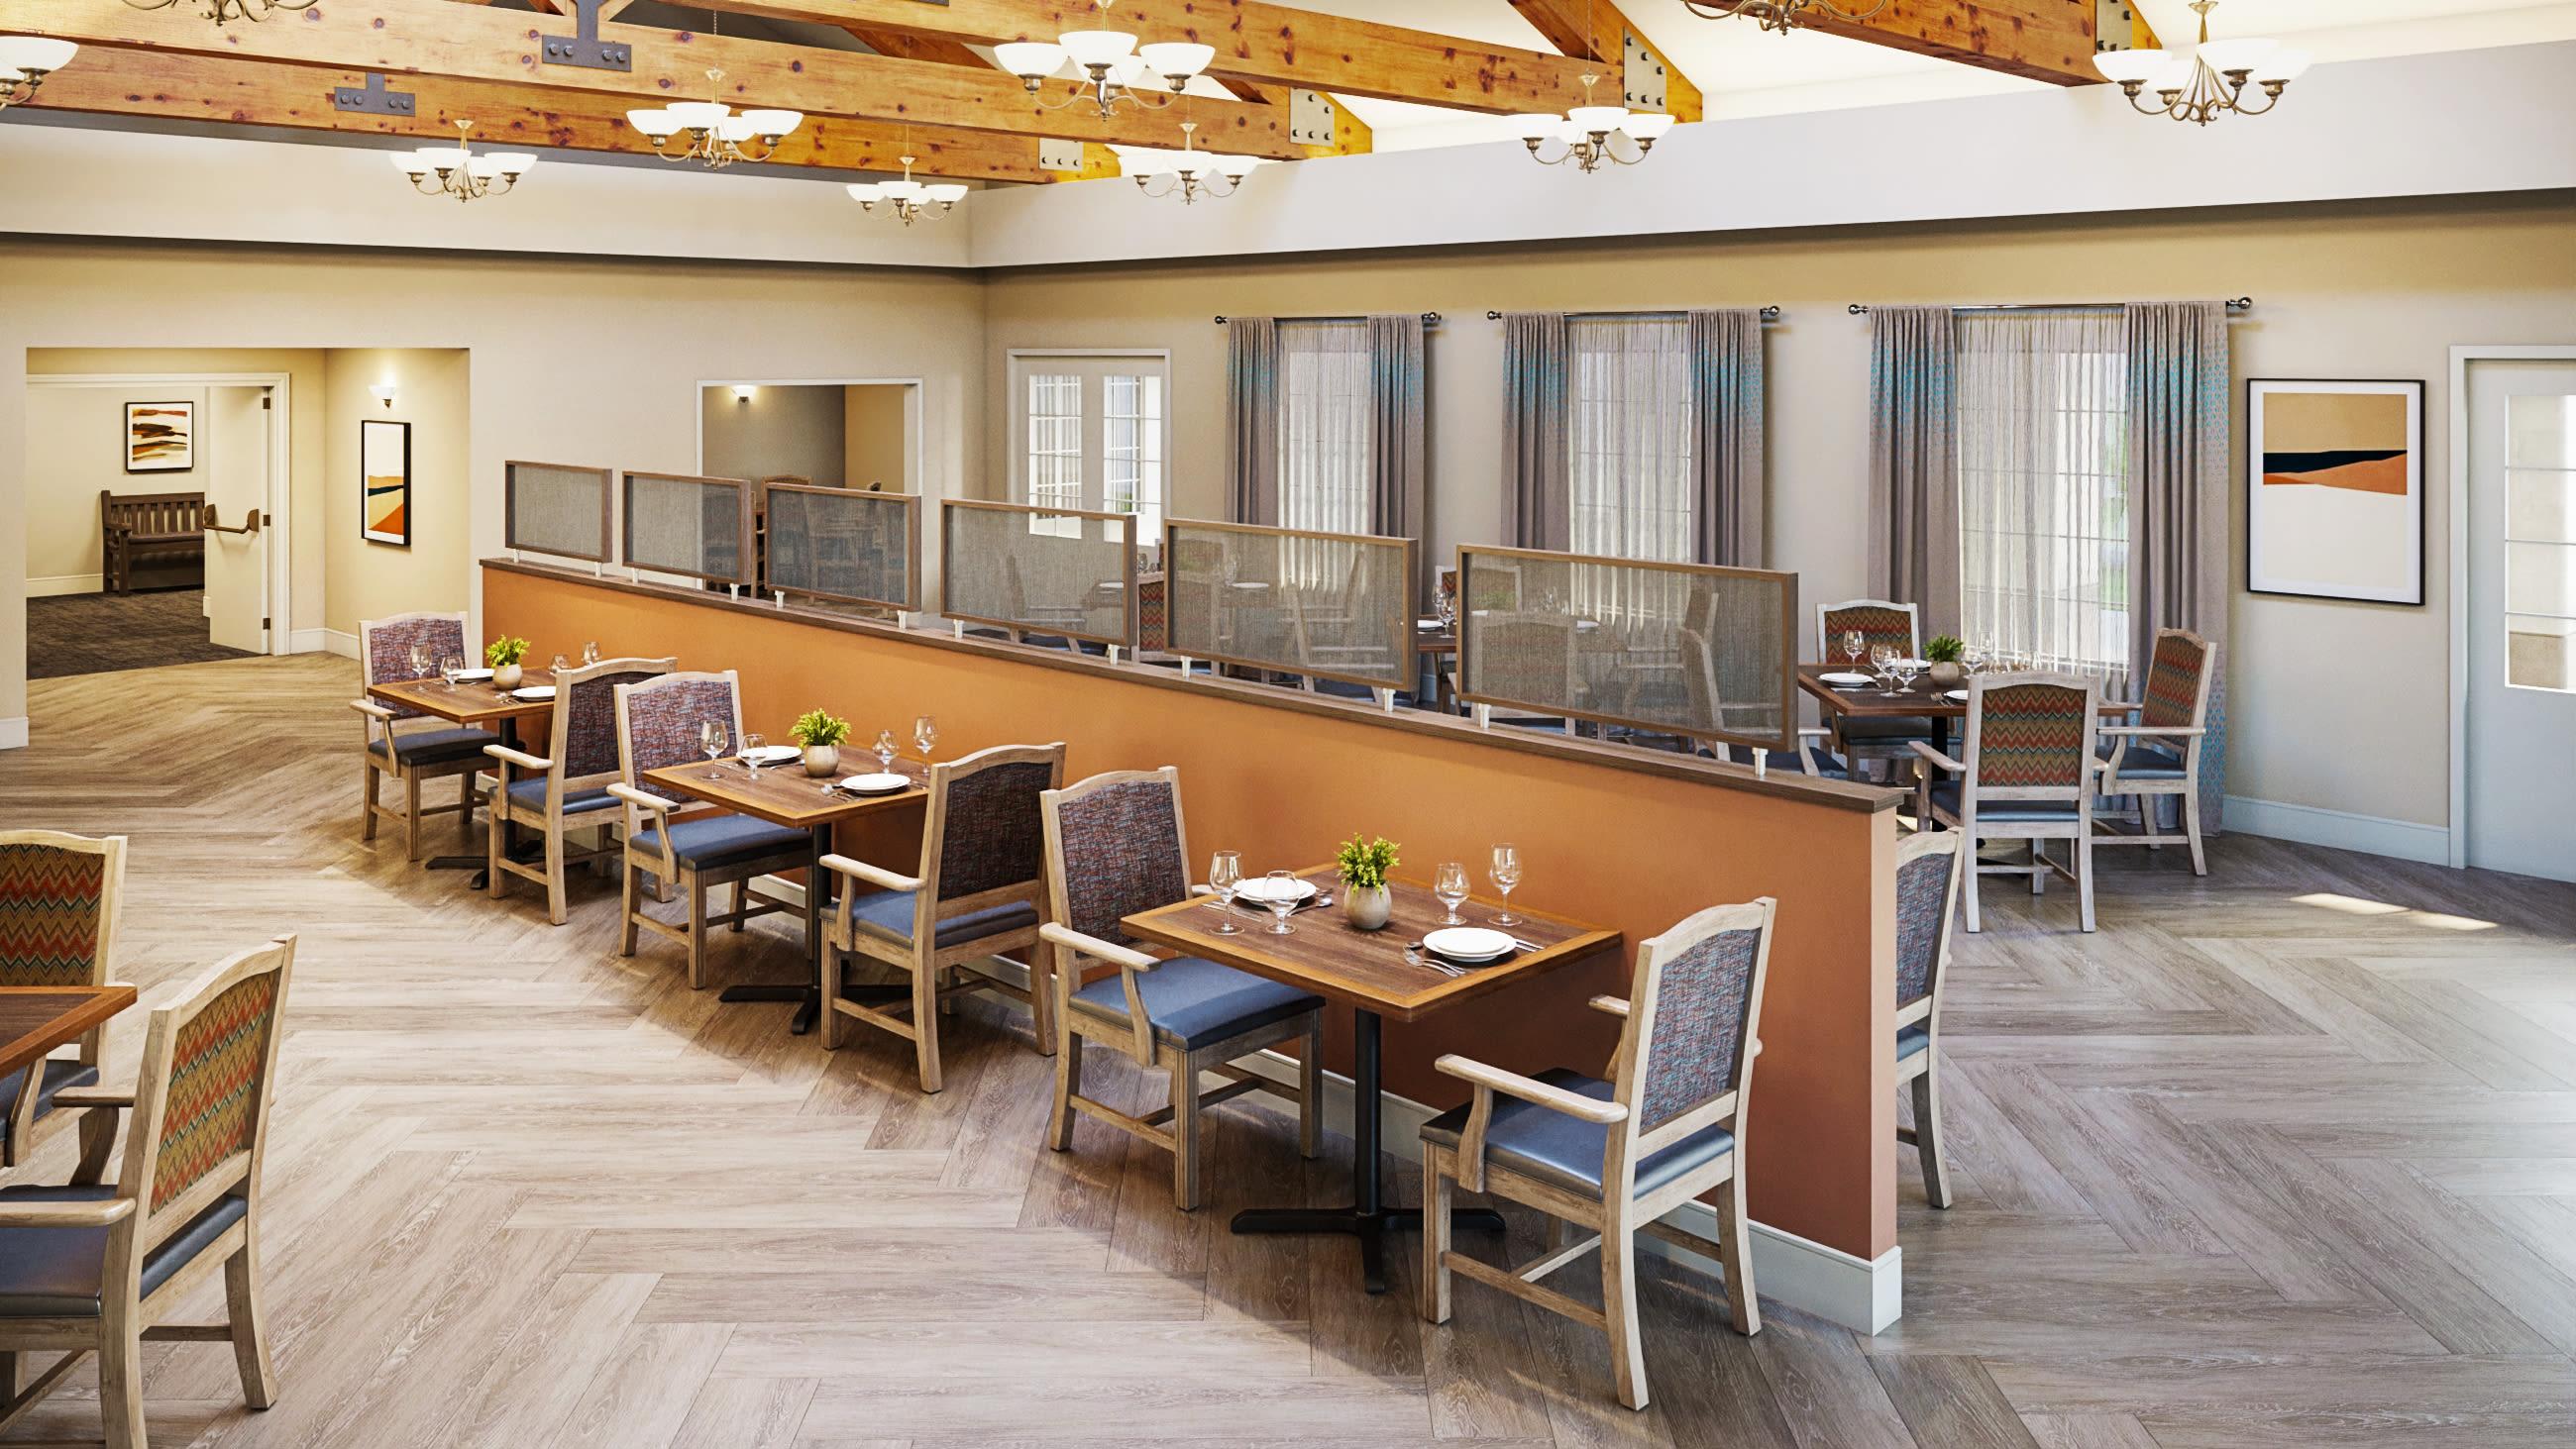 Cafe at Del Obispo Terrace Senior Living